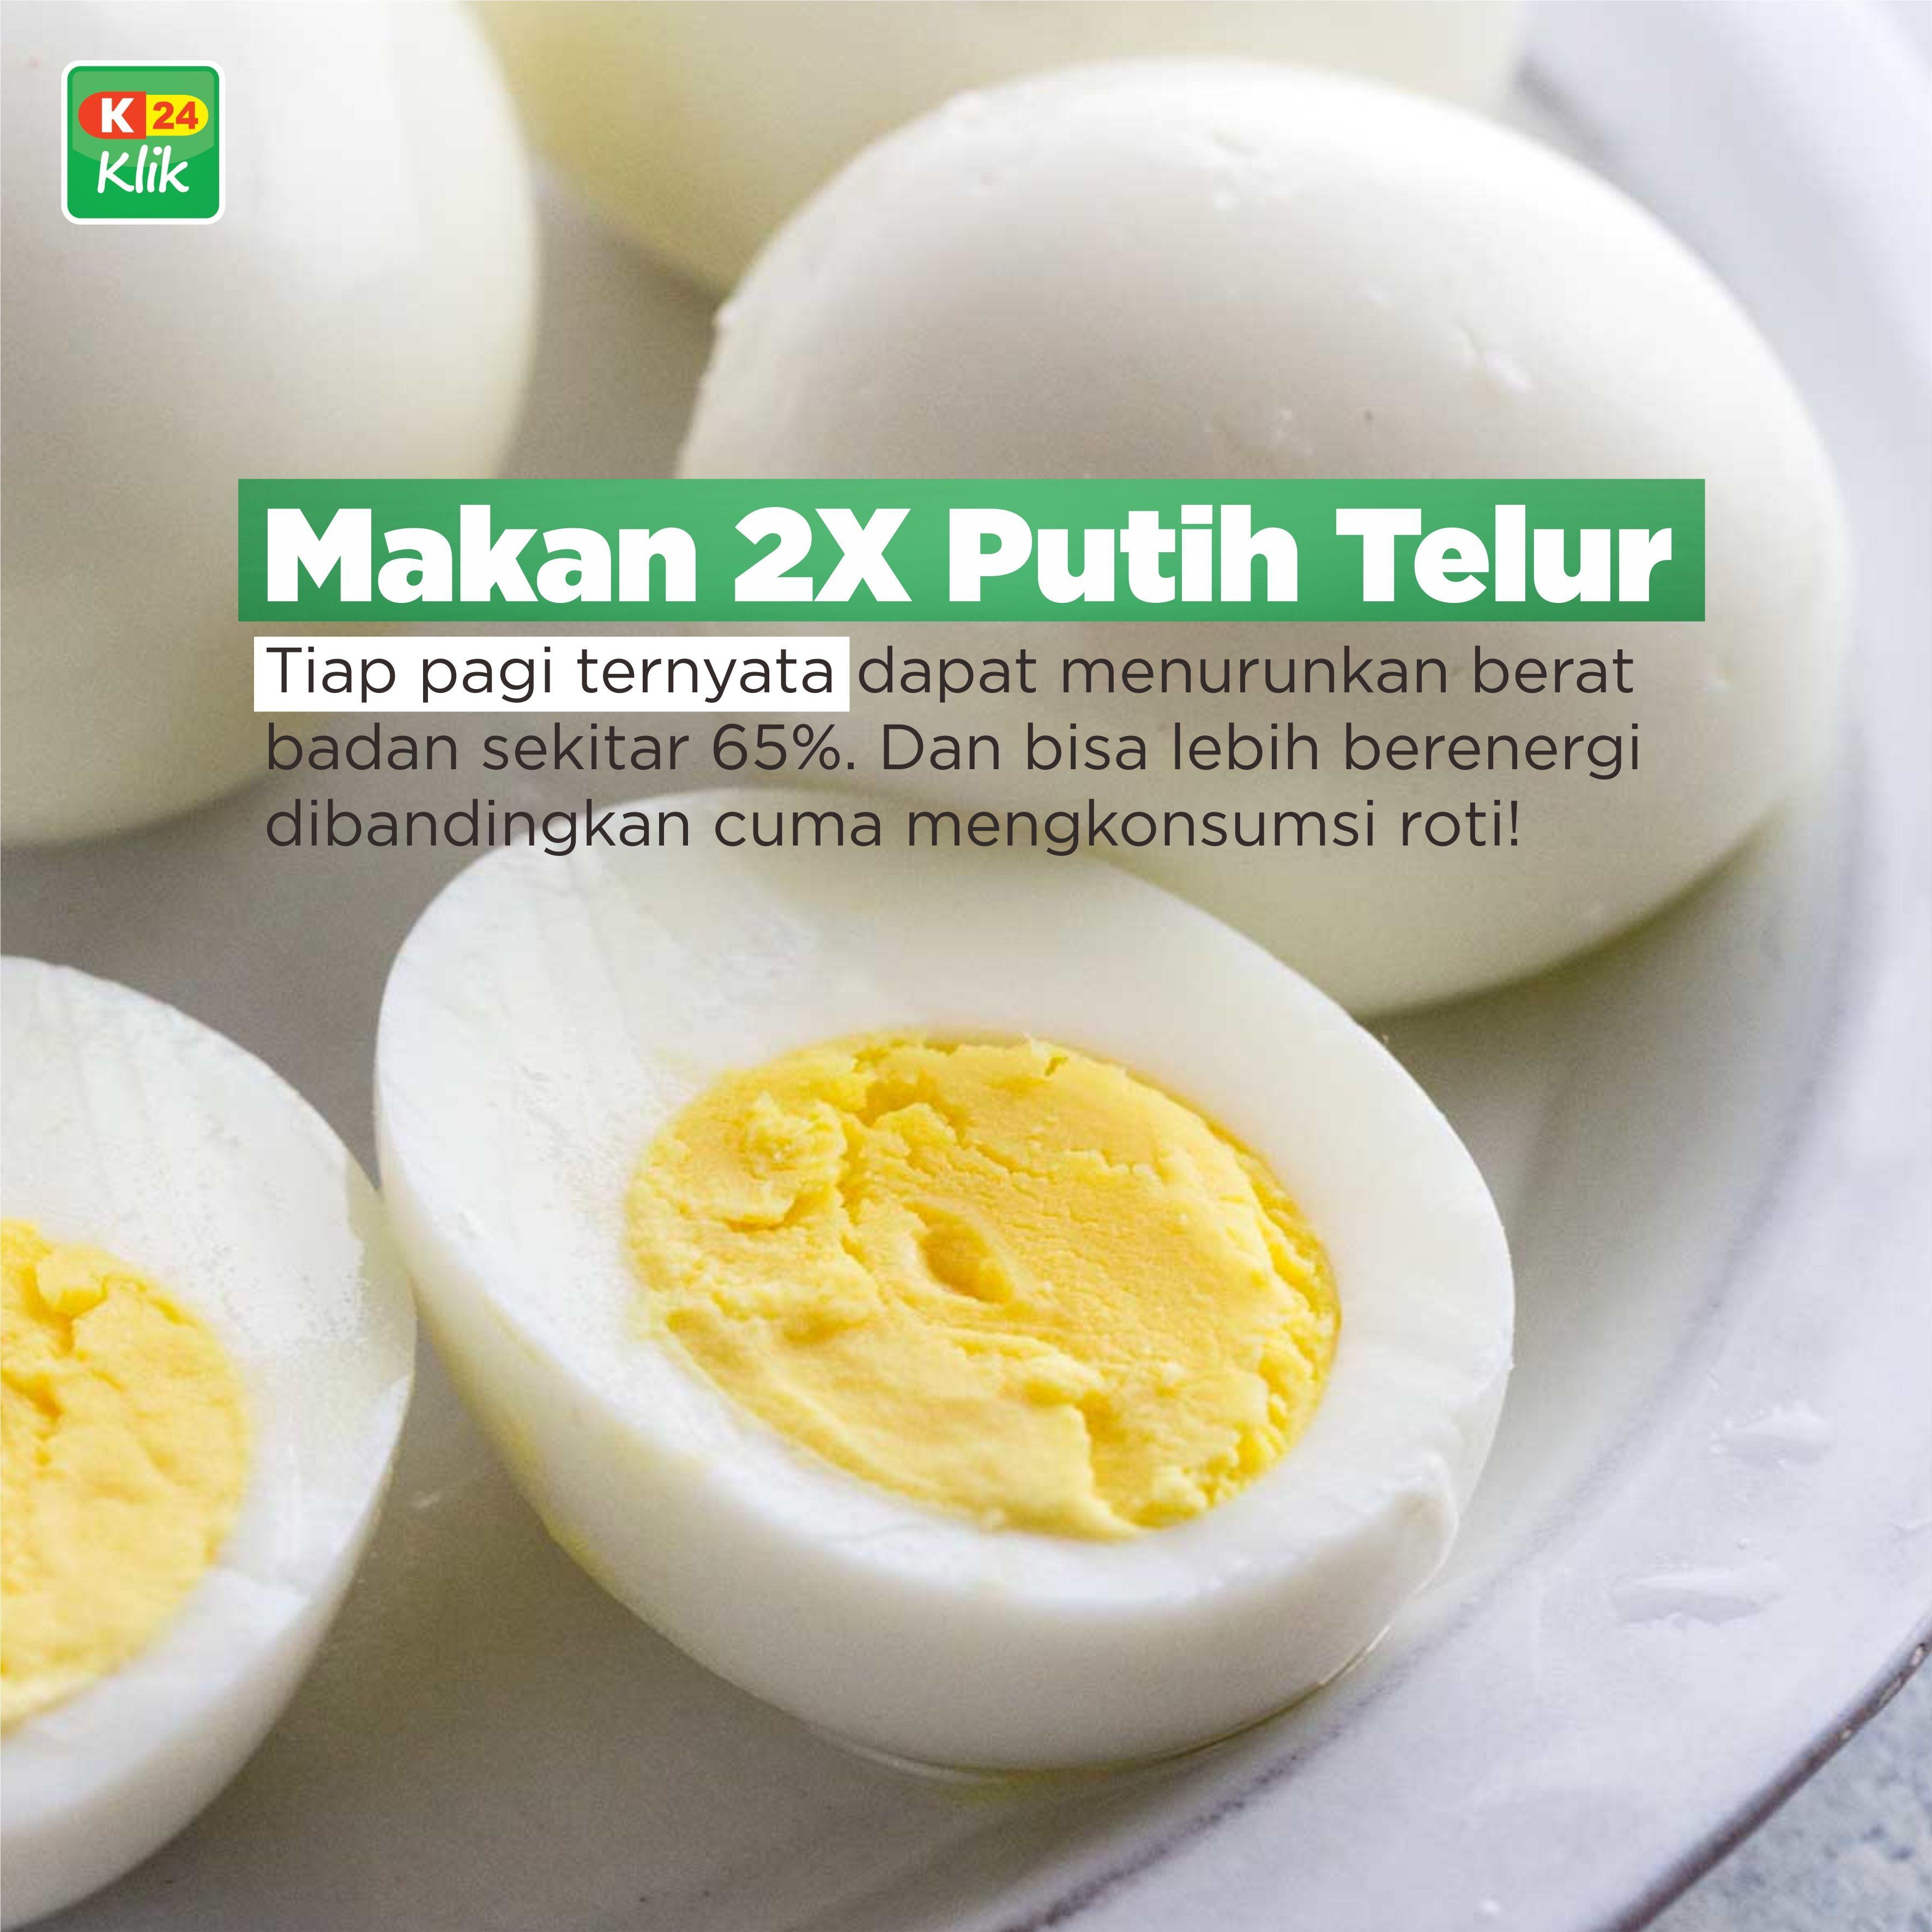 Apakah Makan Telur Rebus Akan Mengakibatkan Jerawat